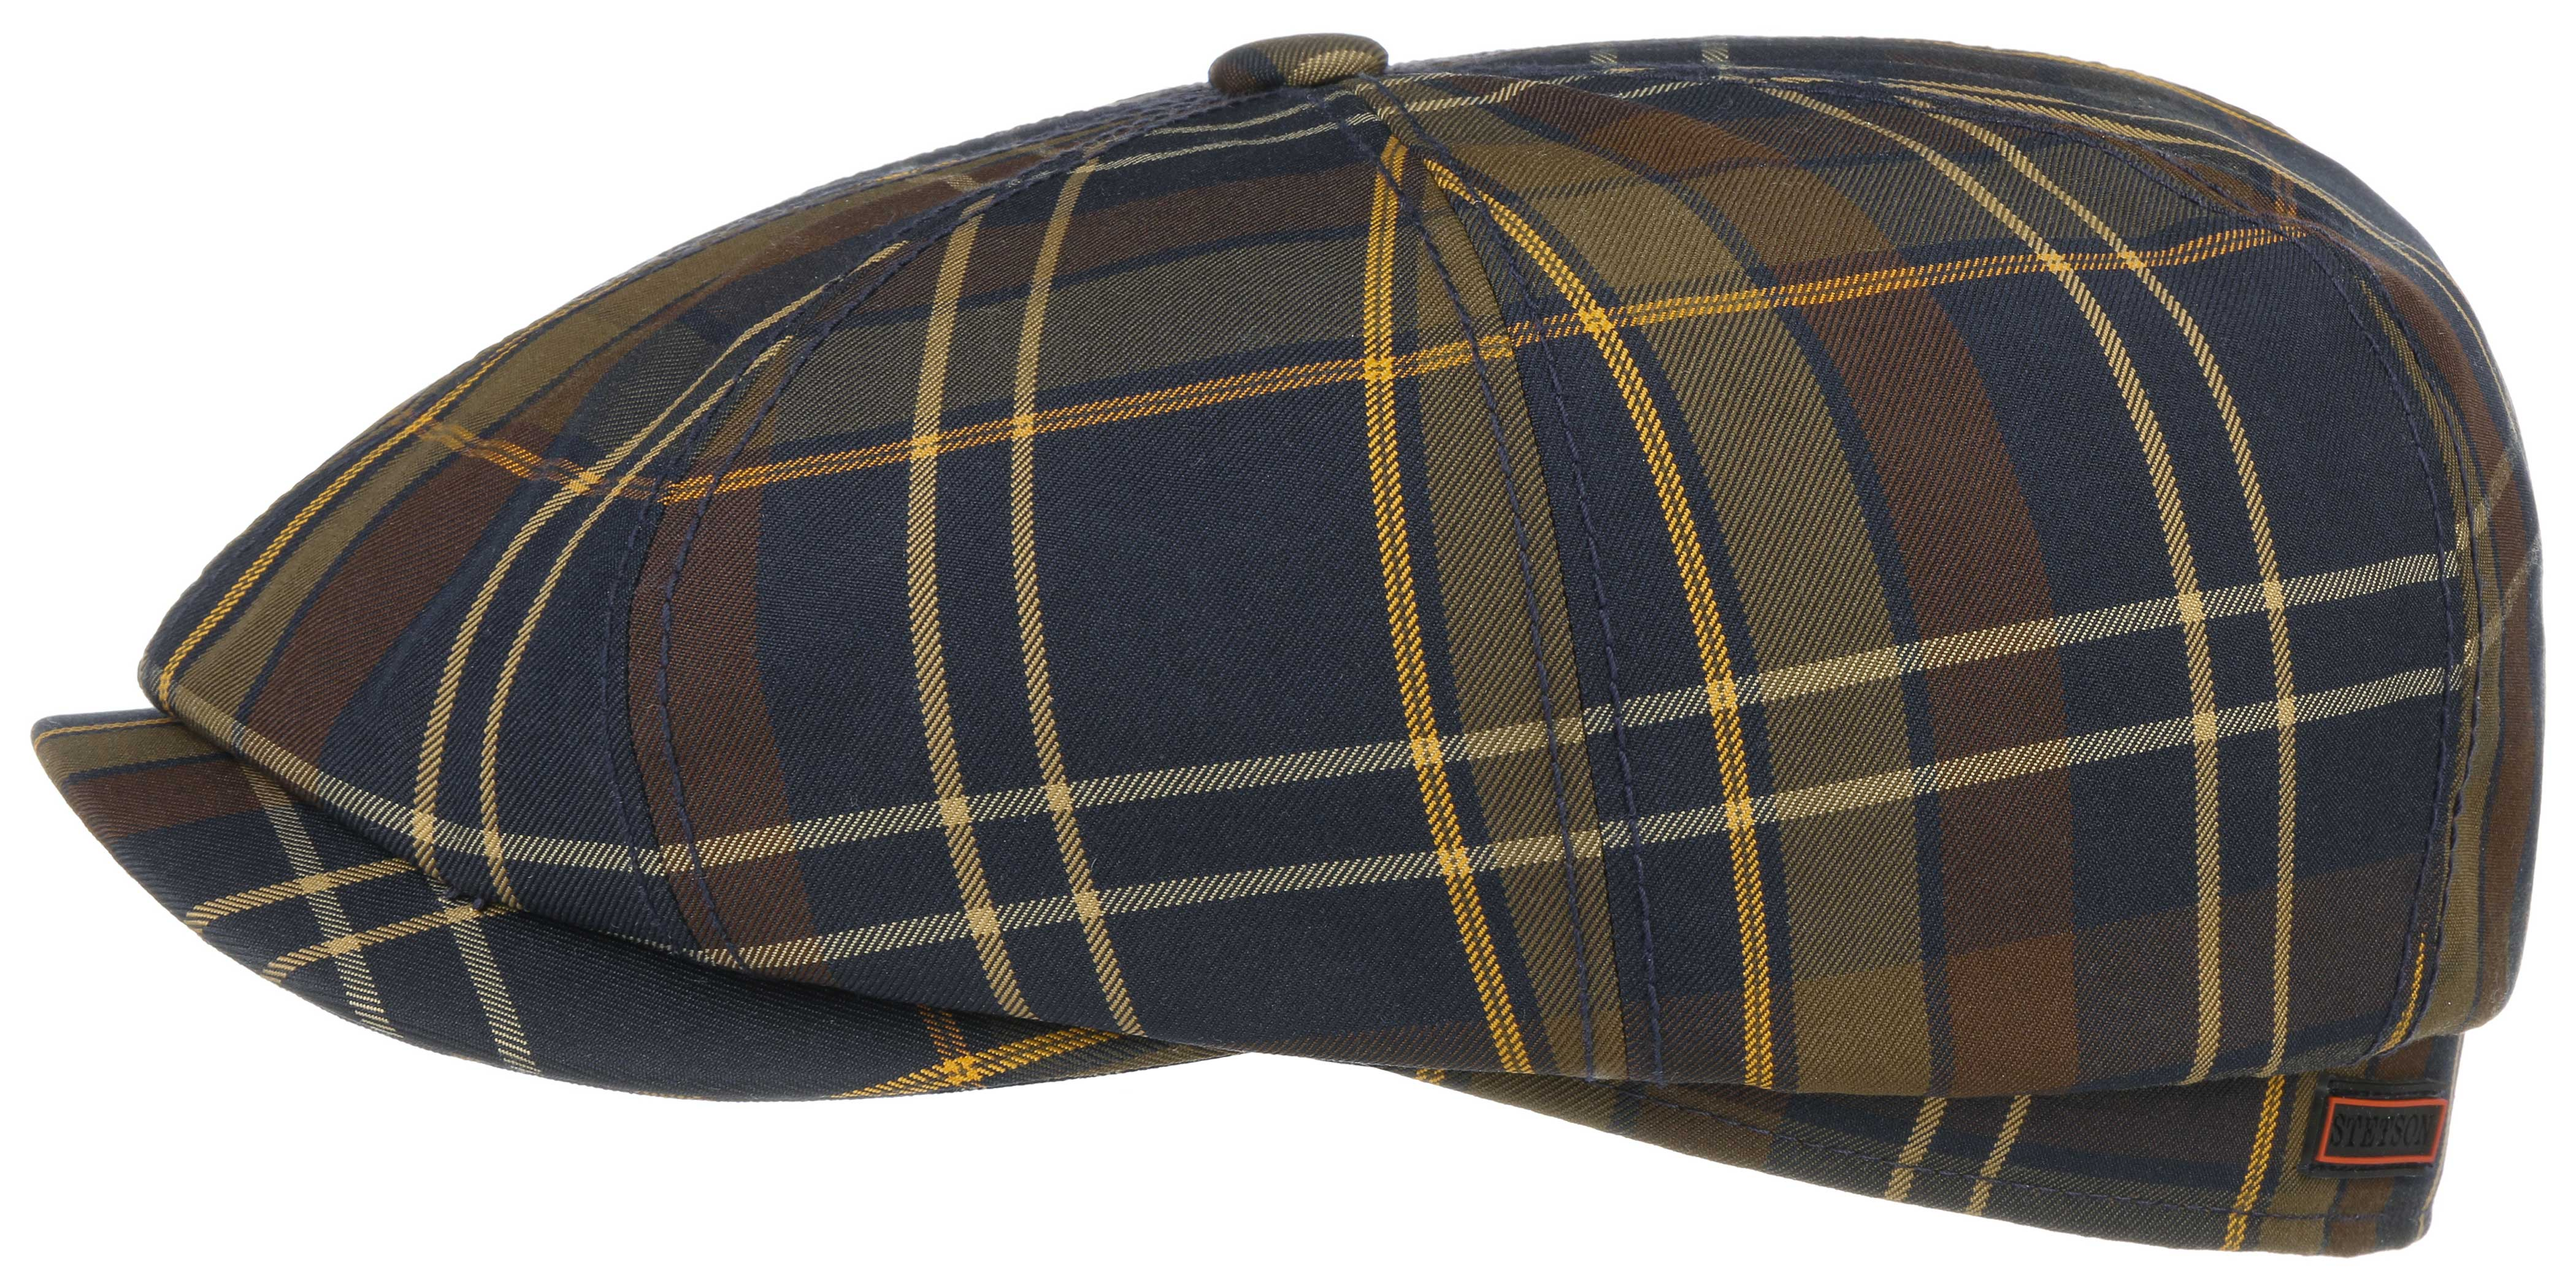 Ballonkappe Hatteras Check L-58/59 cm